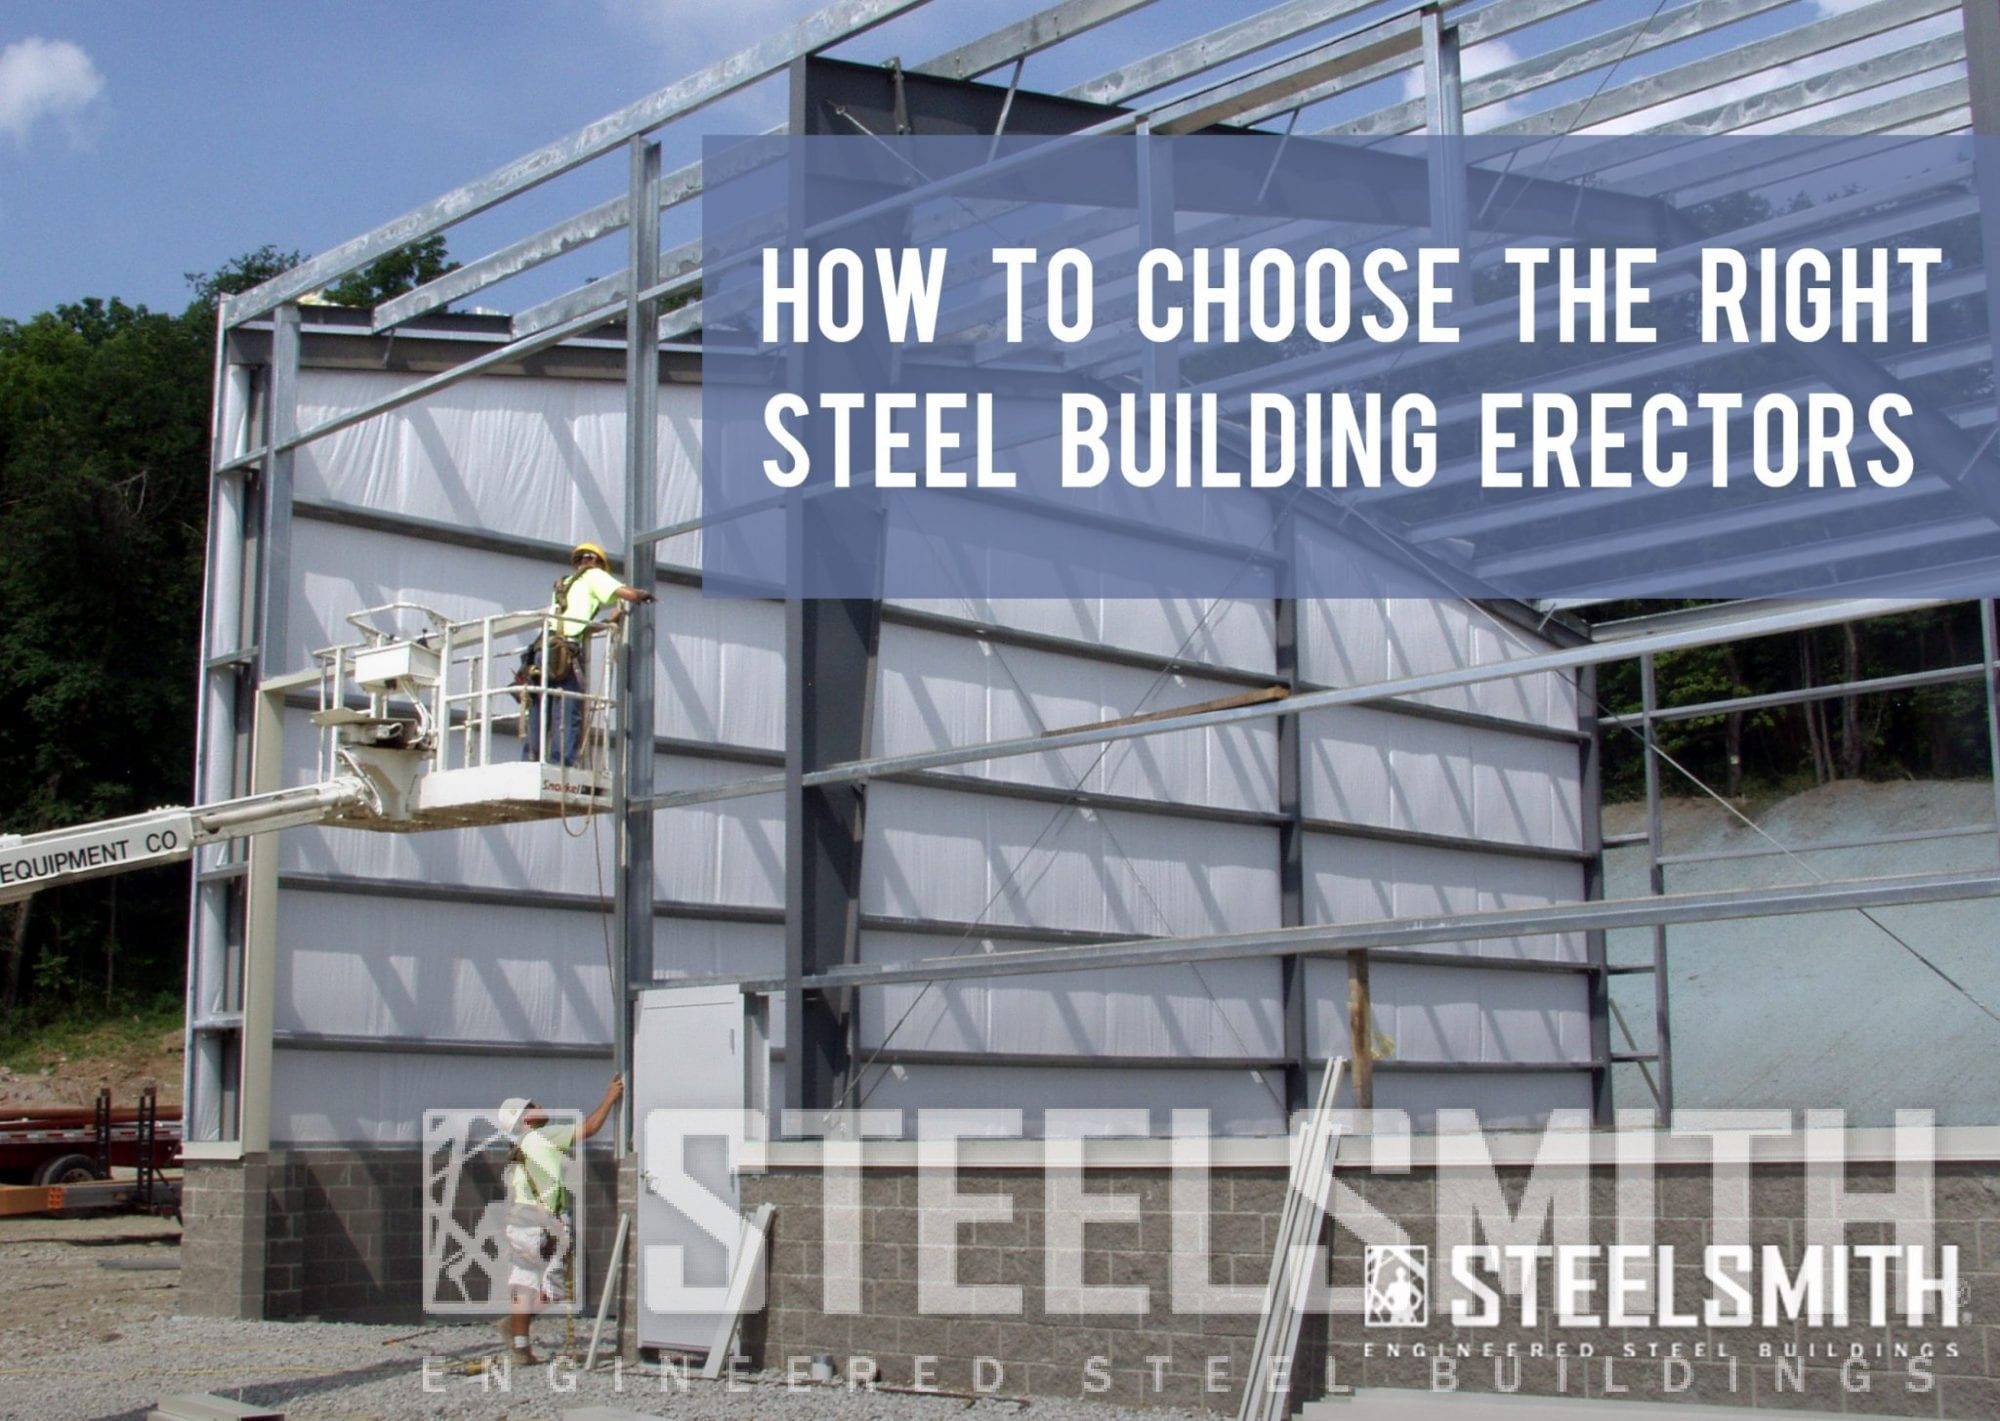 steel building erectors